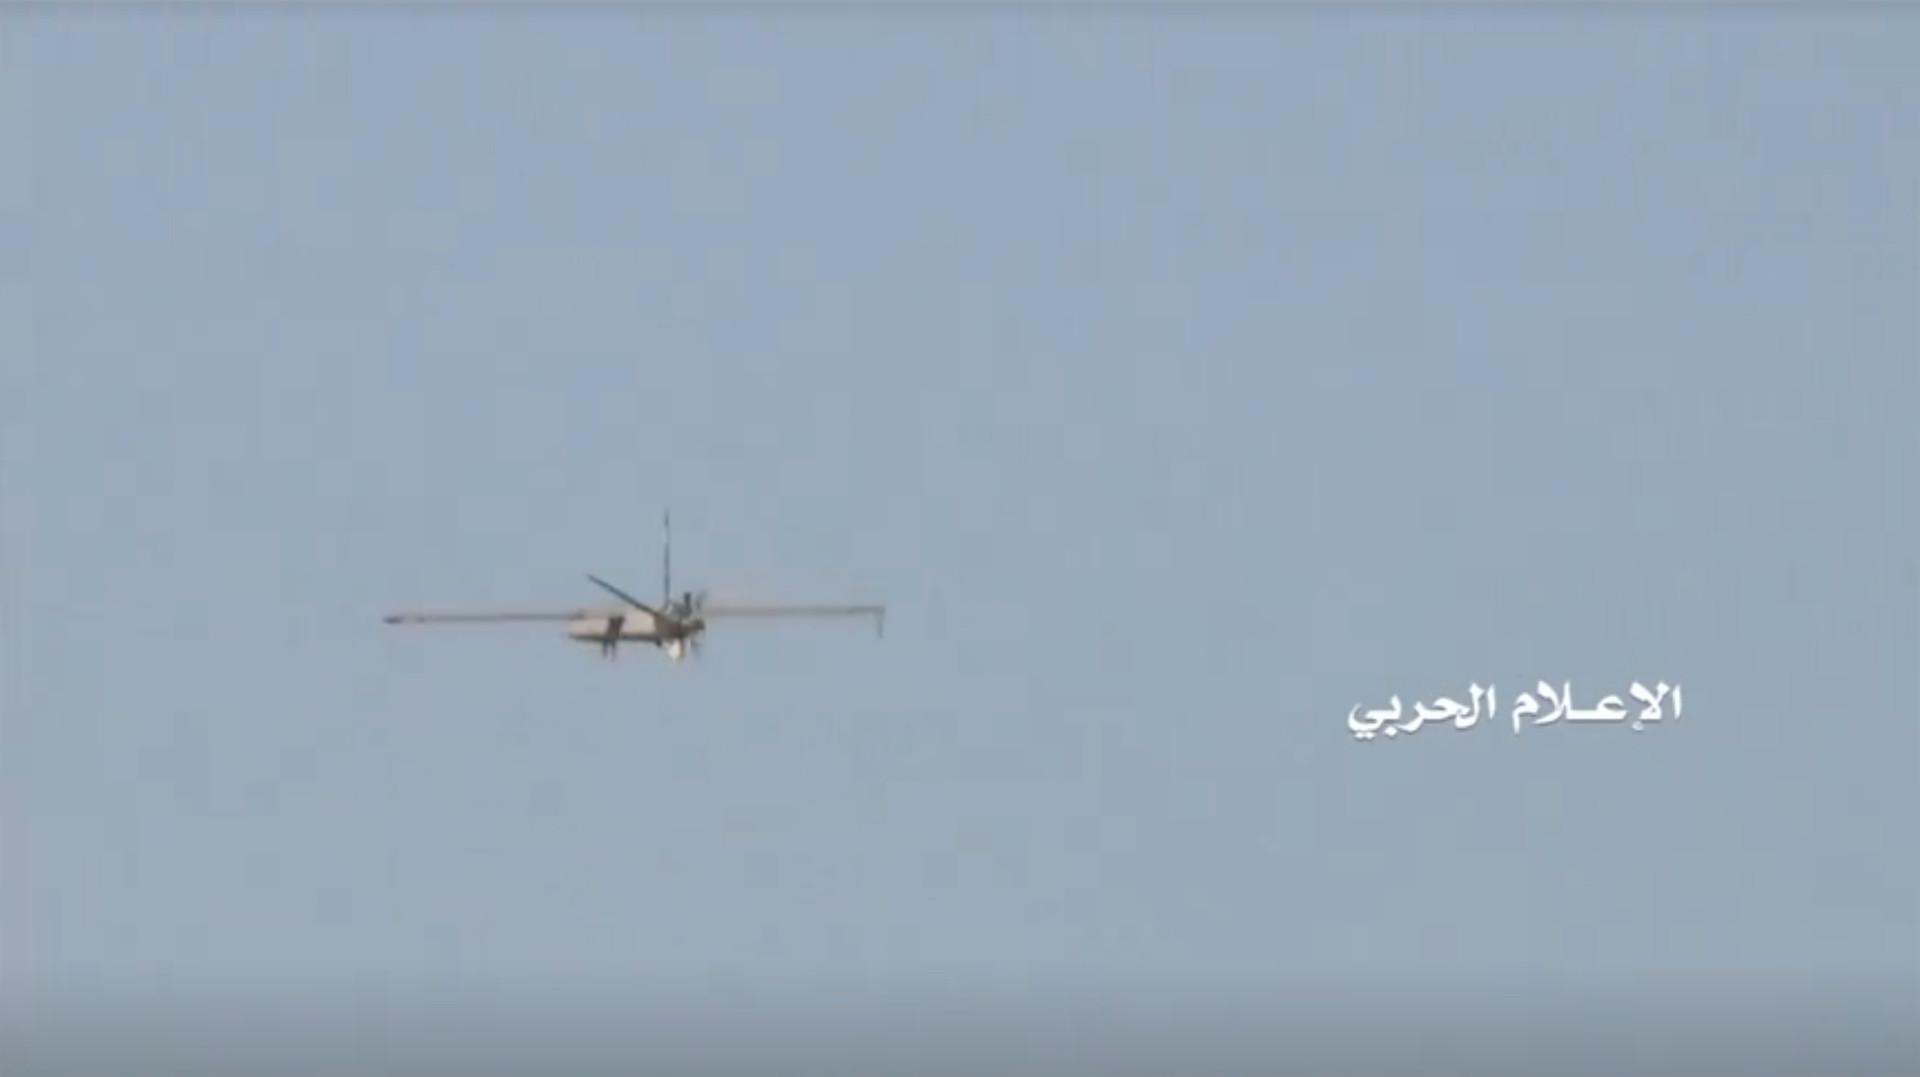 التحالف العربي يعلن إسقاط طائرات حوثية